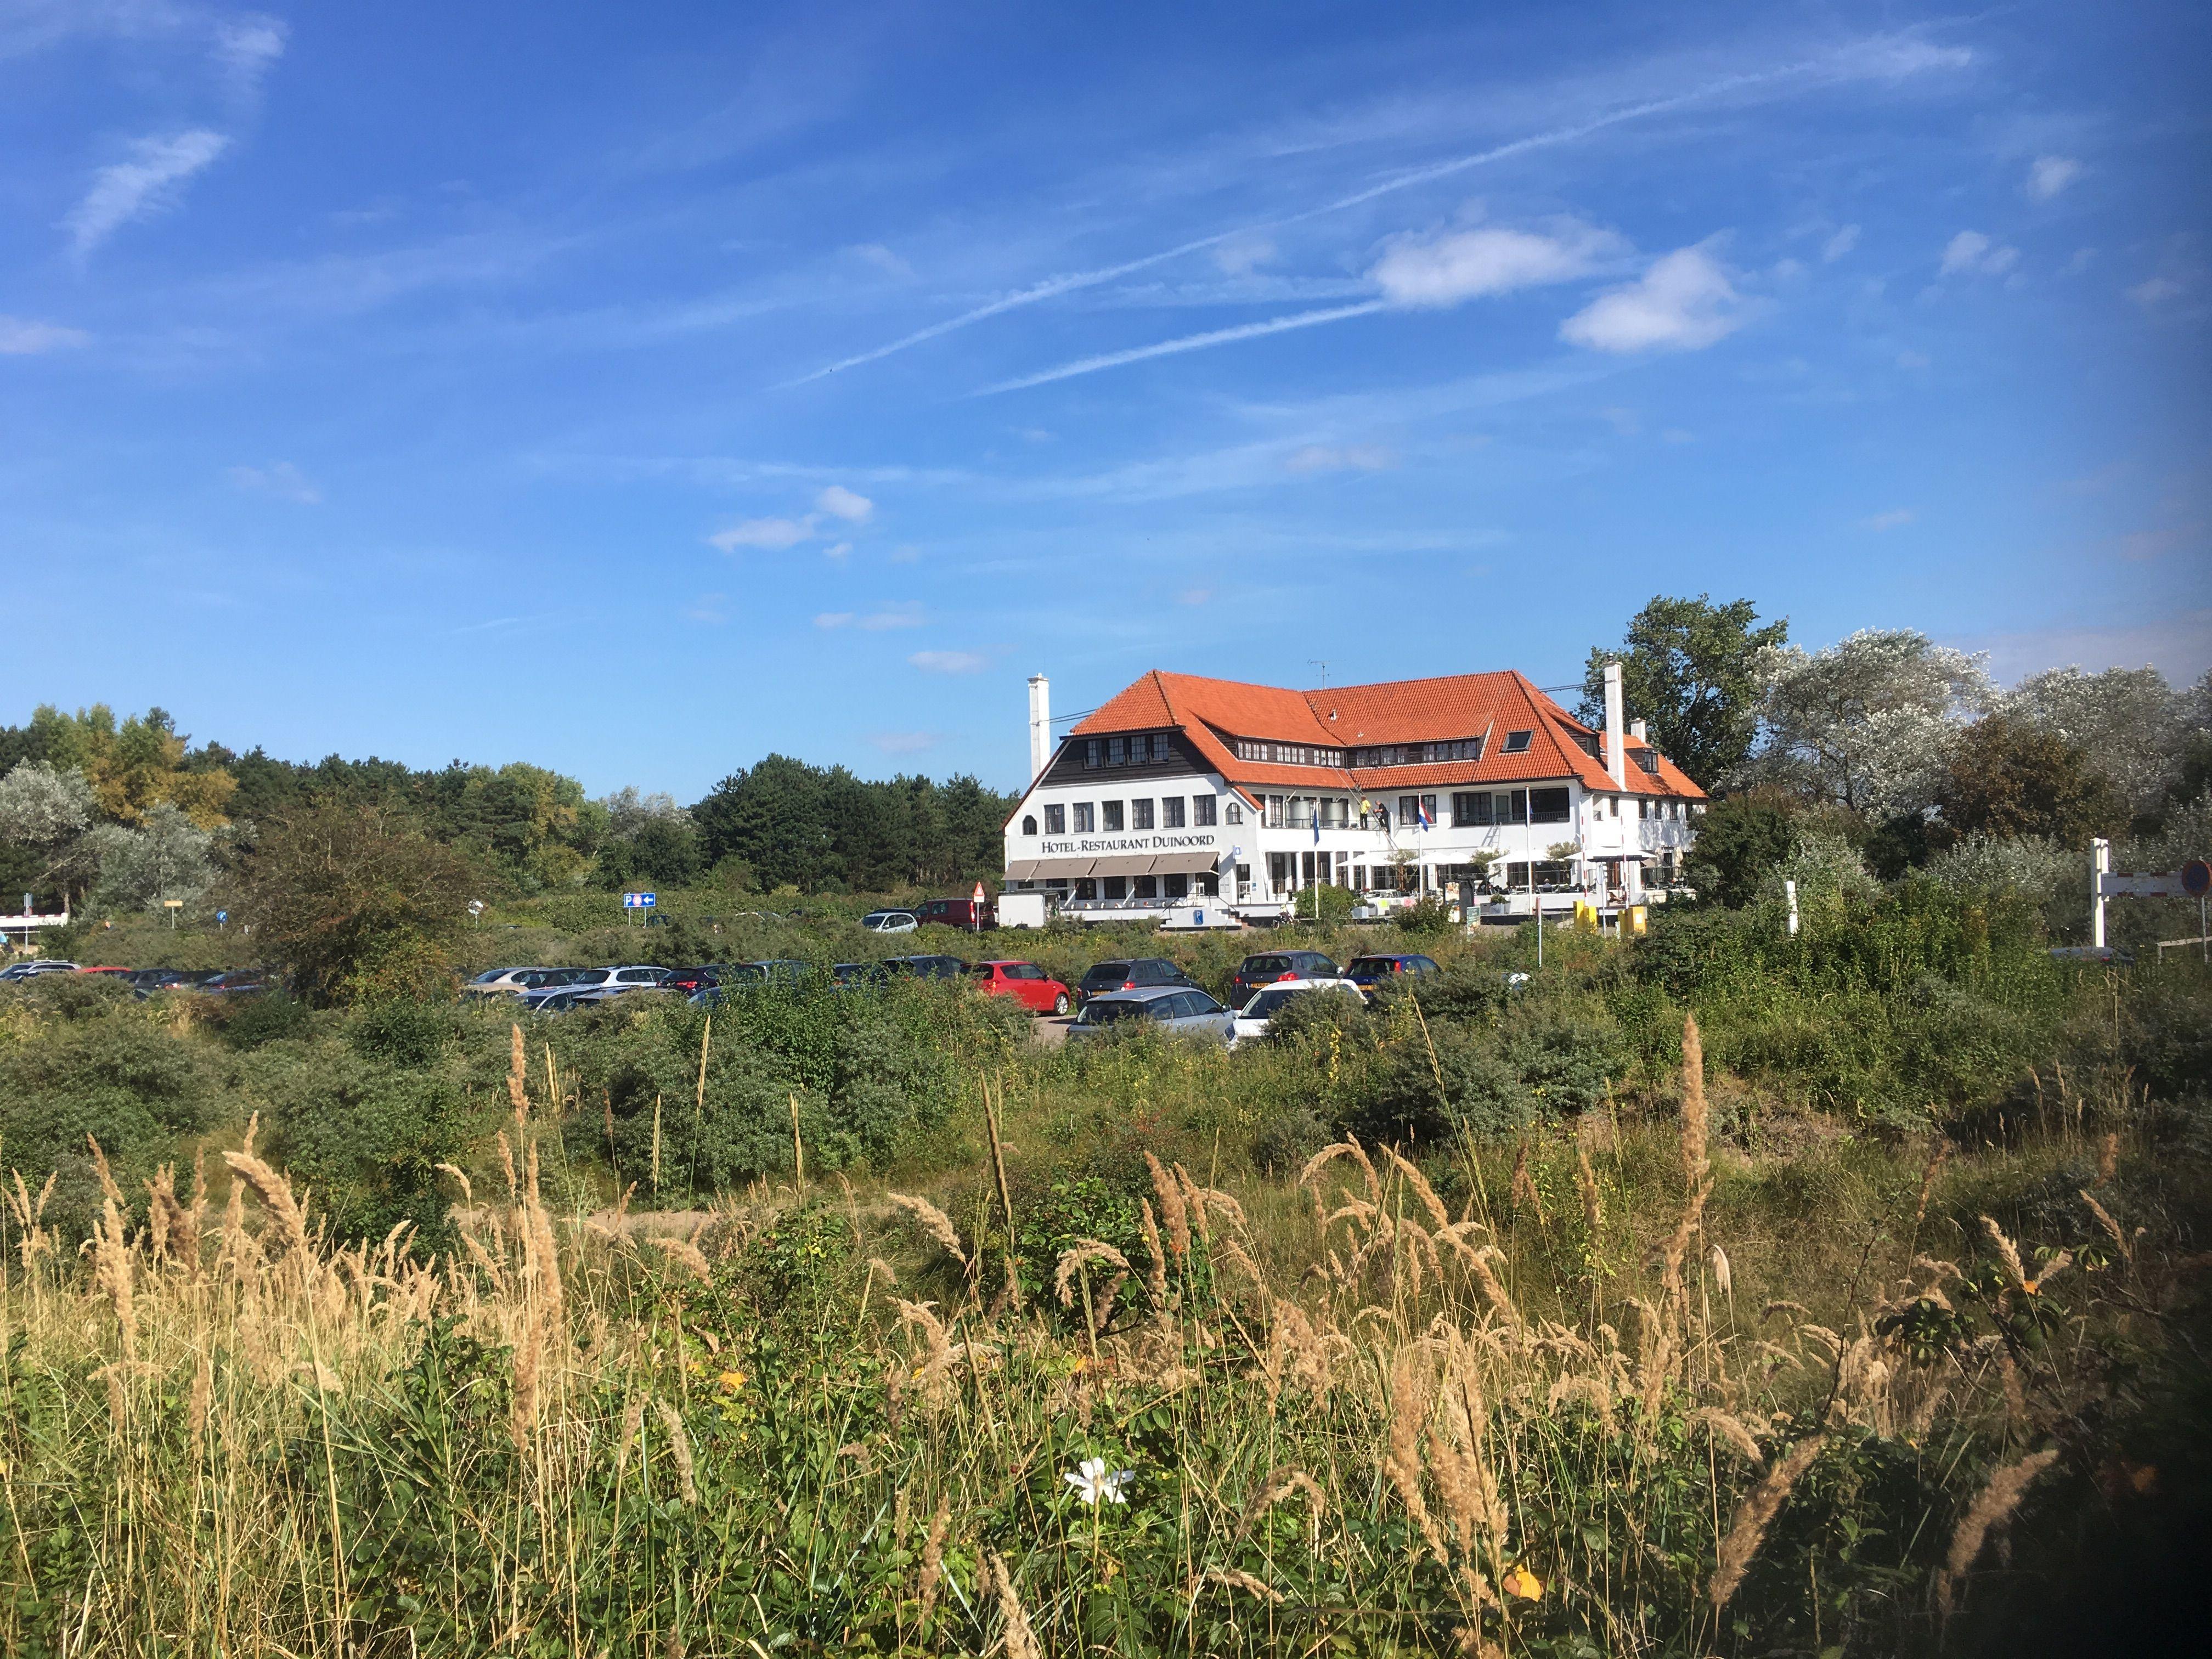 Hotel Duinoord in de duinen van Wassenaar